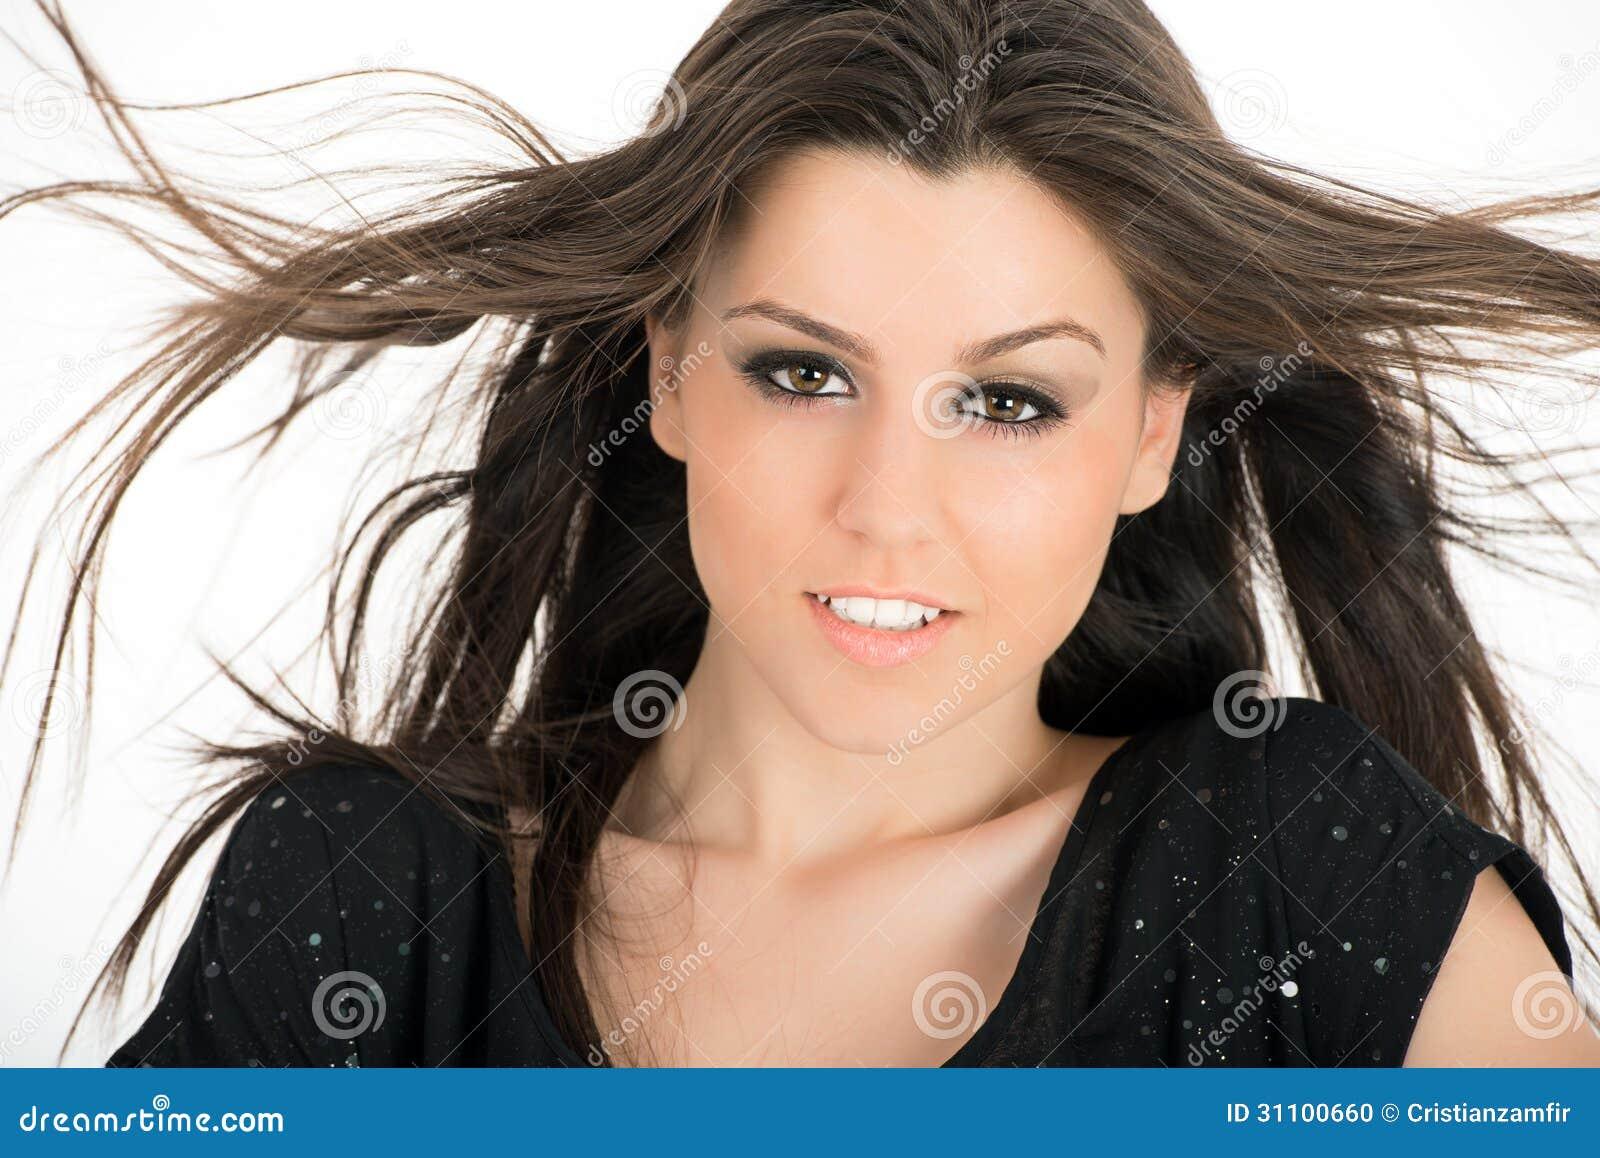 mulher-bonita-com-cabelo-marrom-longo-pportrait-de-um-modo-da-f-rma-31100660.jpg